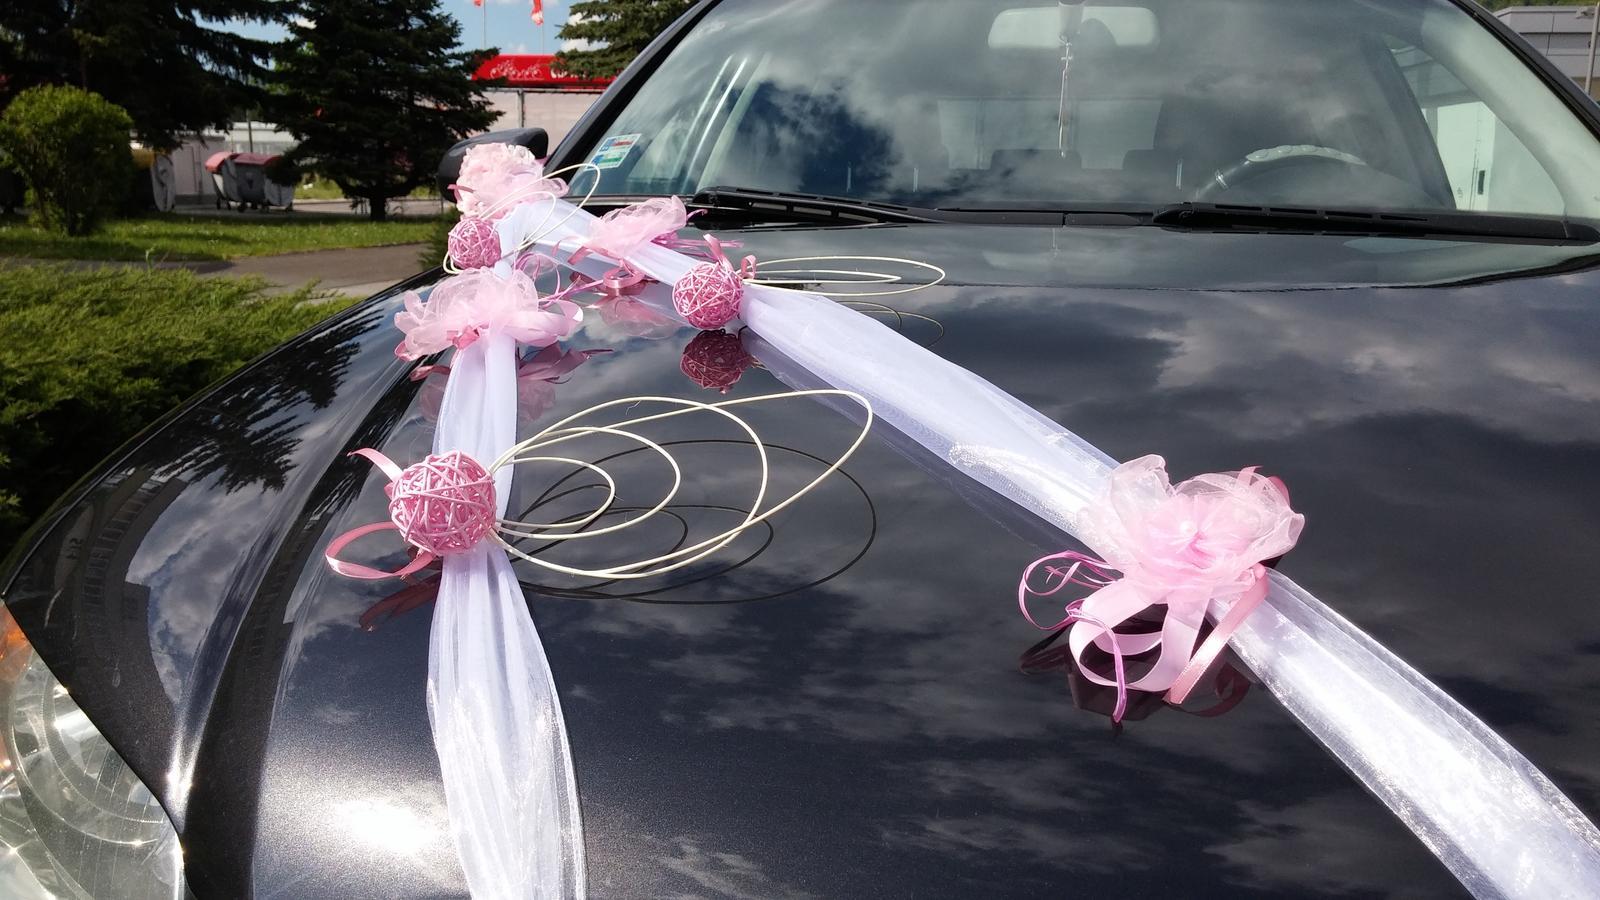 Svadobné auto - pásy a ružové kvietky - Obrázok č. 2